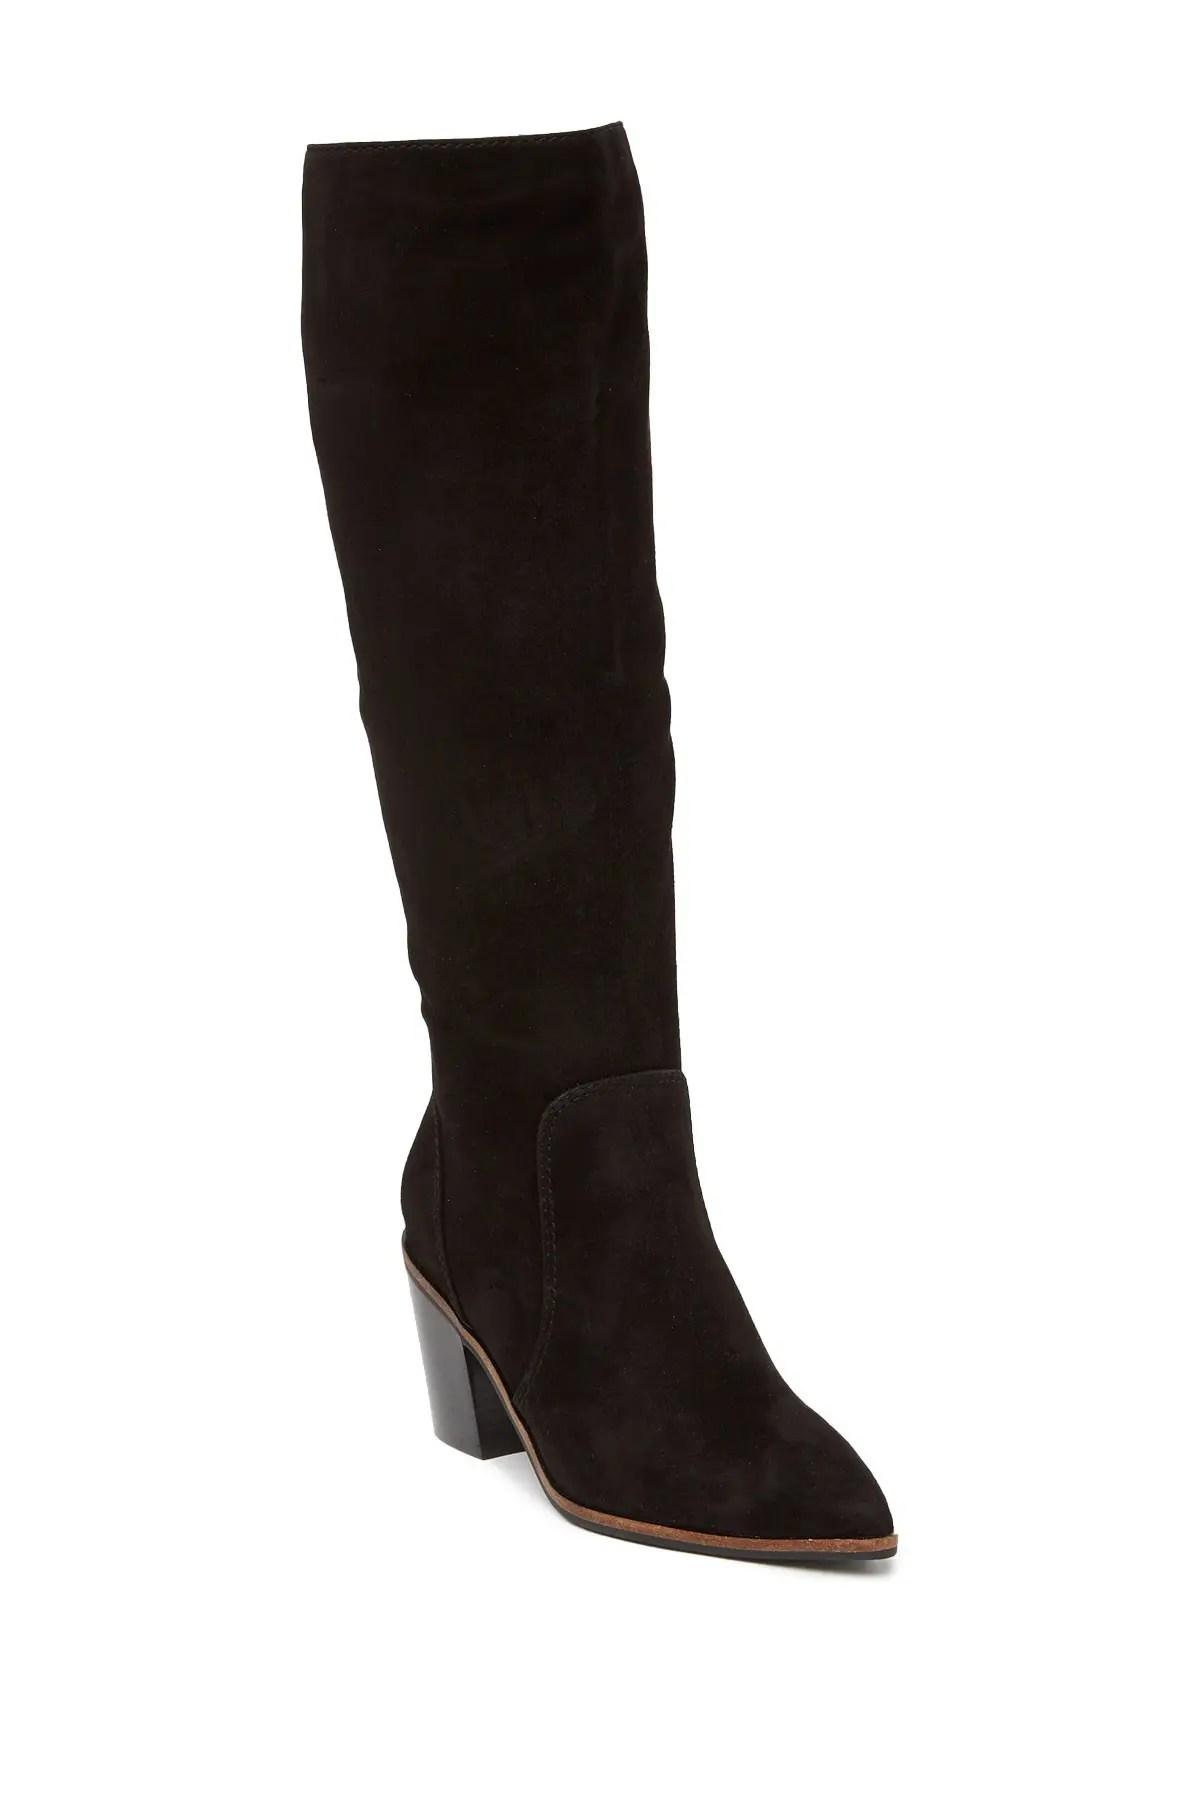 black ankle boots nordstrom rack online